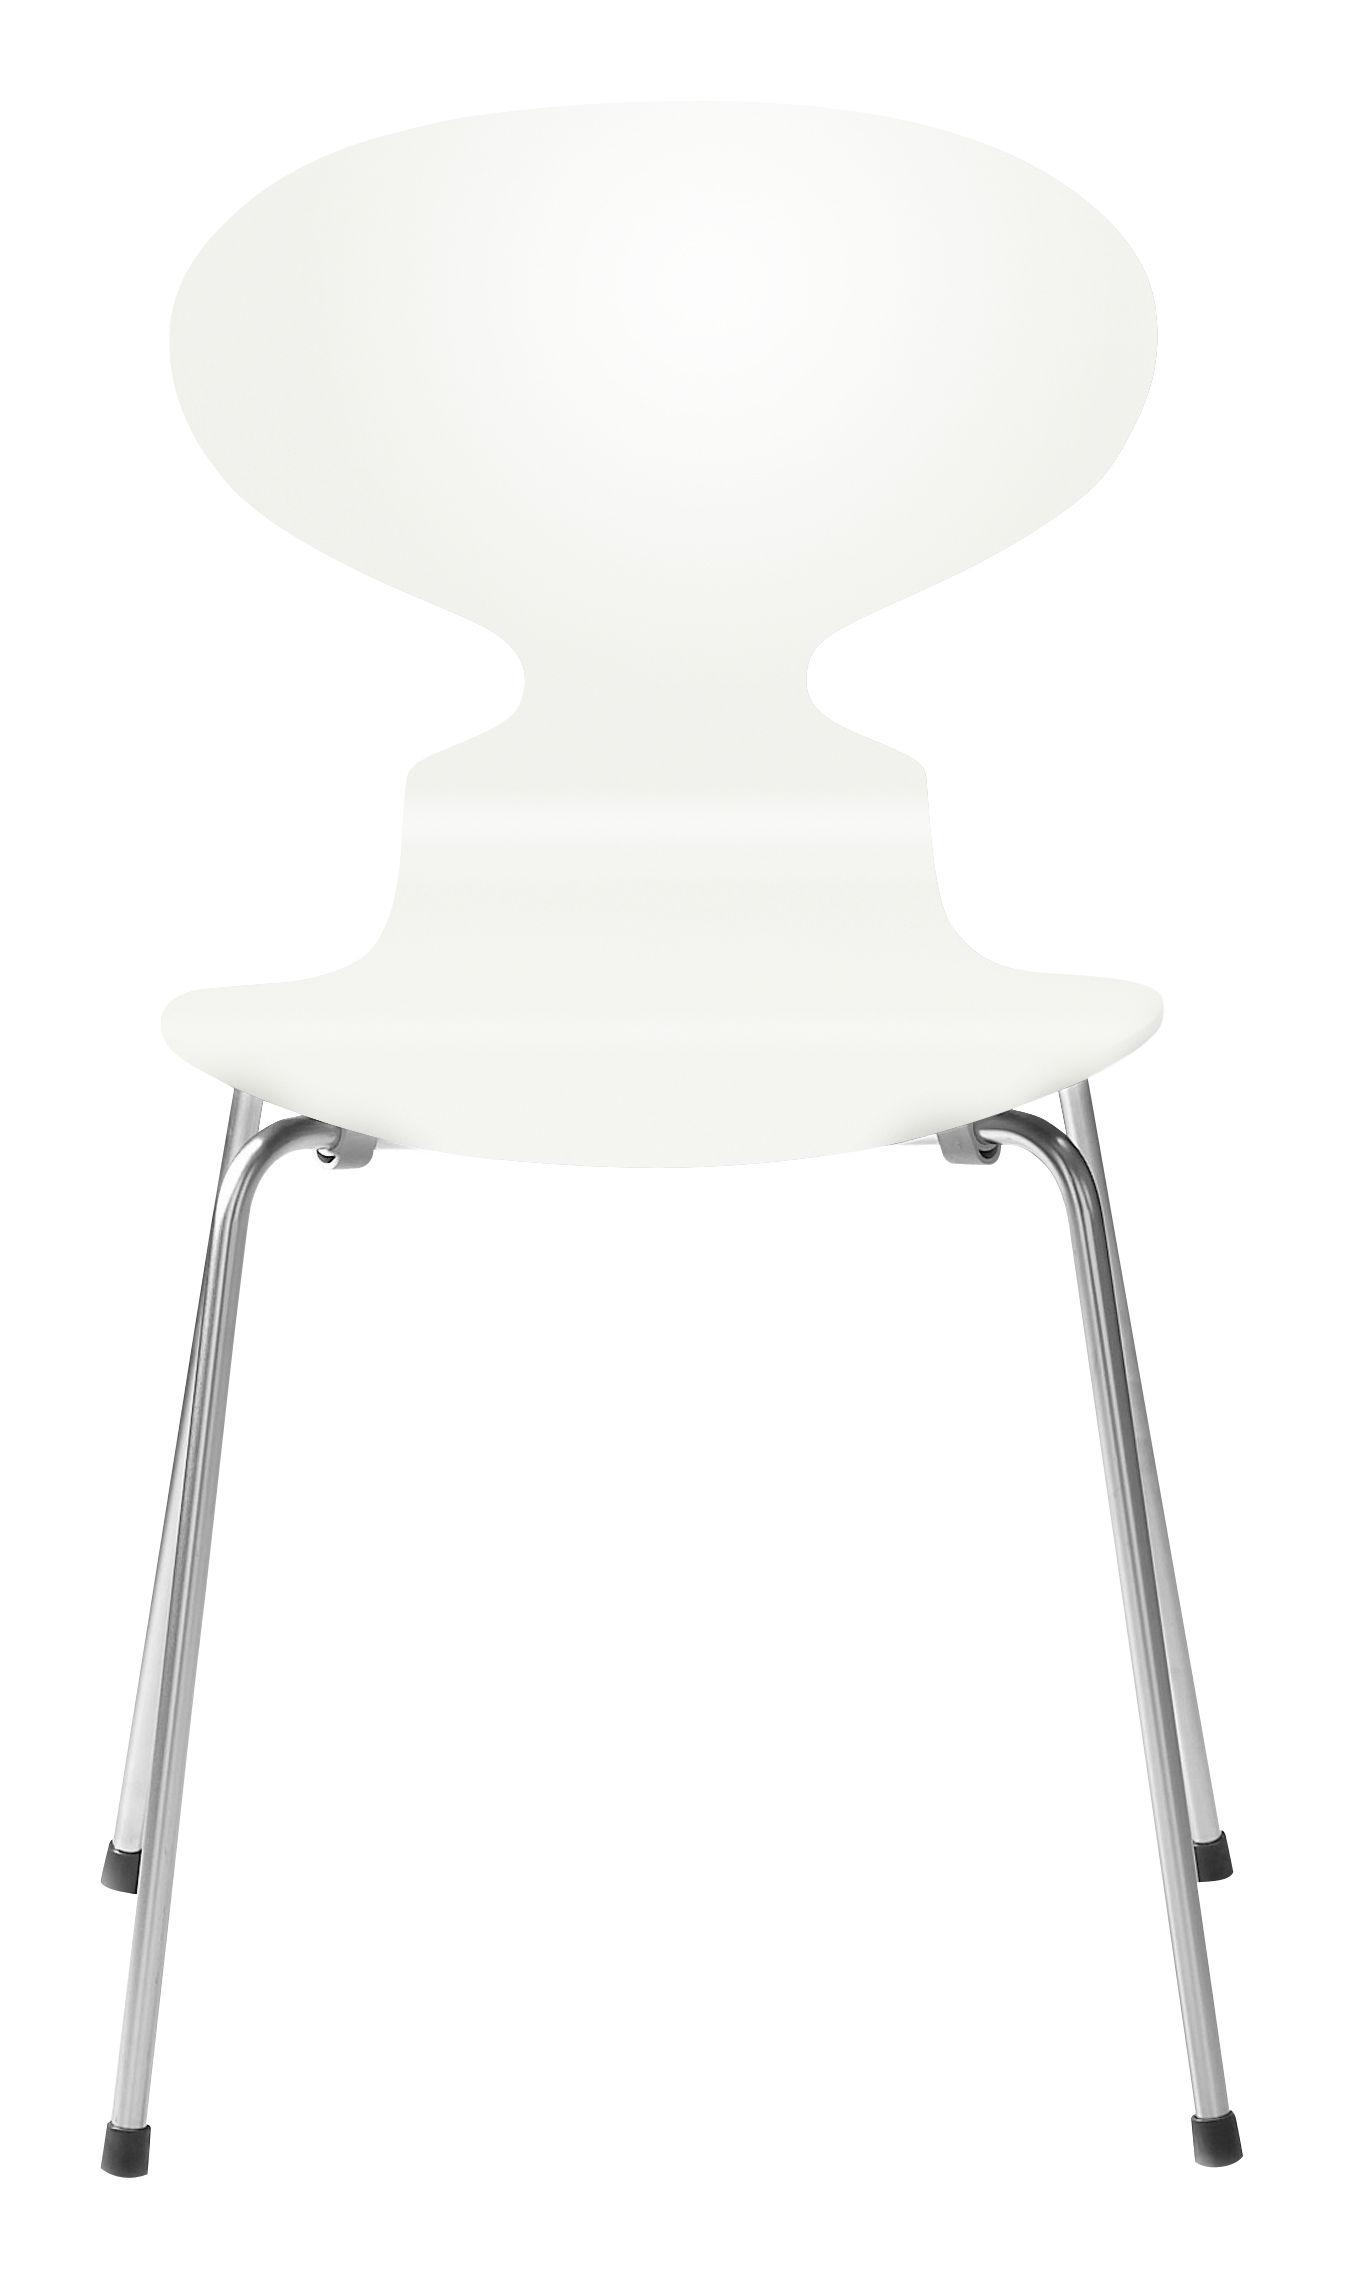 Arredamento - Sedie  - Sedia impilabile Fourmi - 4 piedi - Legno laccato di Fritz Hansen - Laccato bianco - Acciaio, Compensato di legno laccato